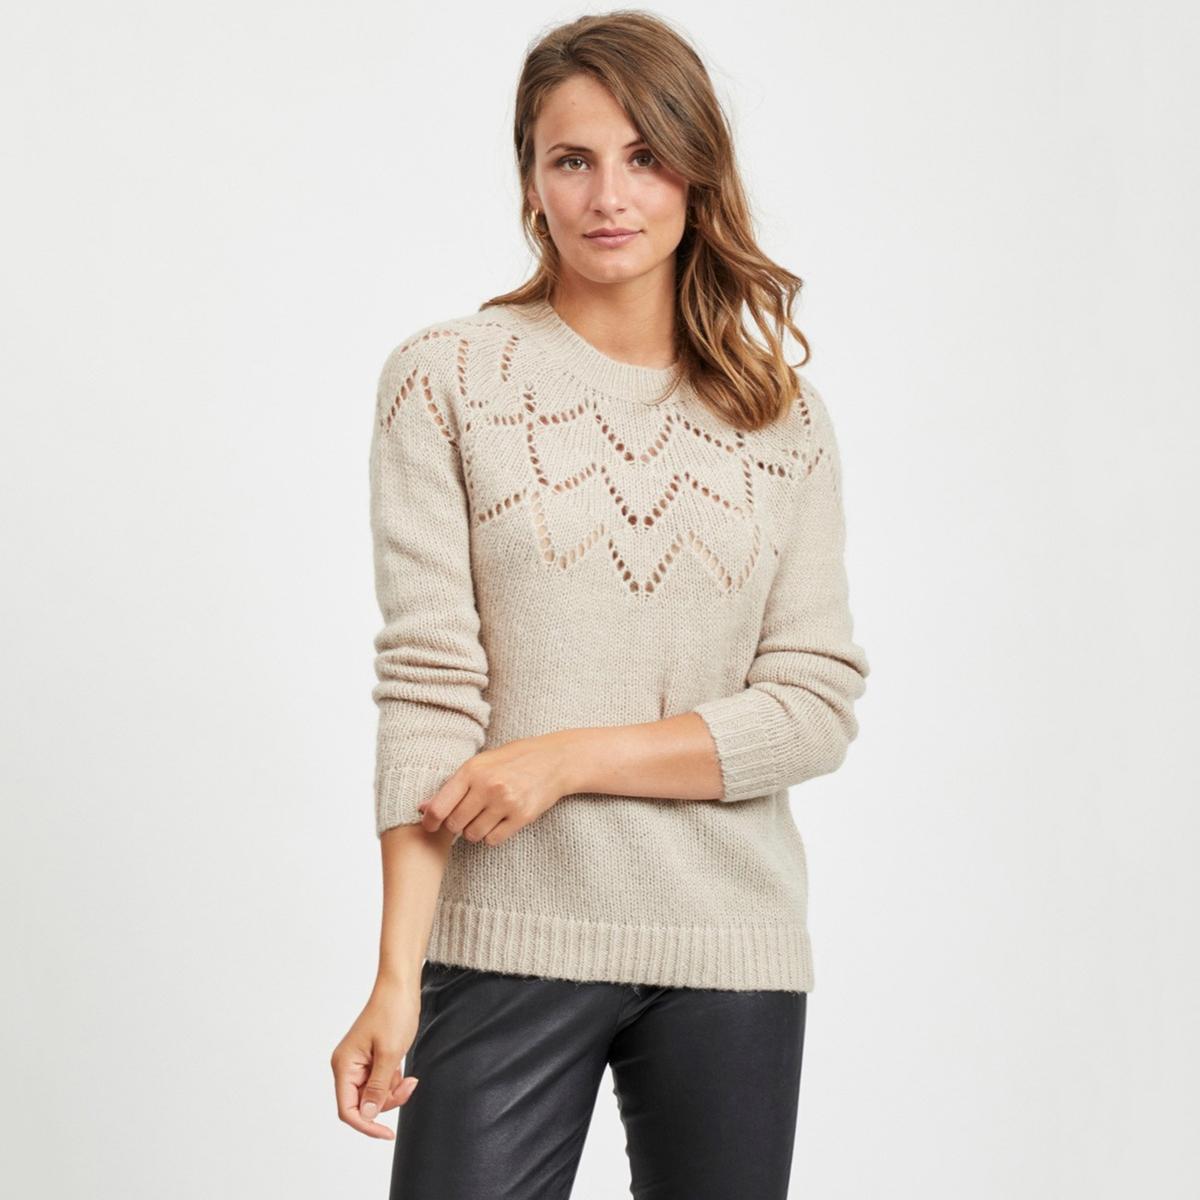 цена Пуловер La Redoute С круглым вырезом и длинными рукавами M бежевый онлайн в 2017 году